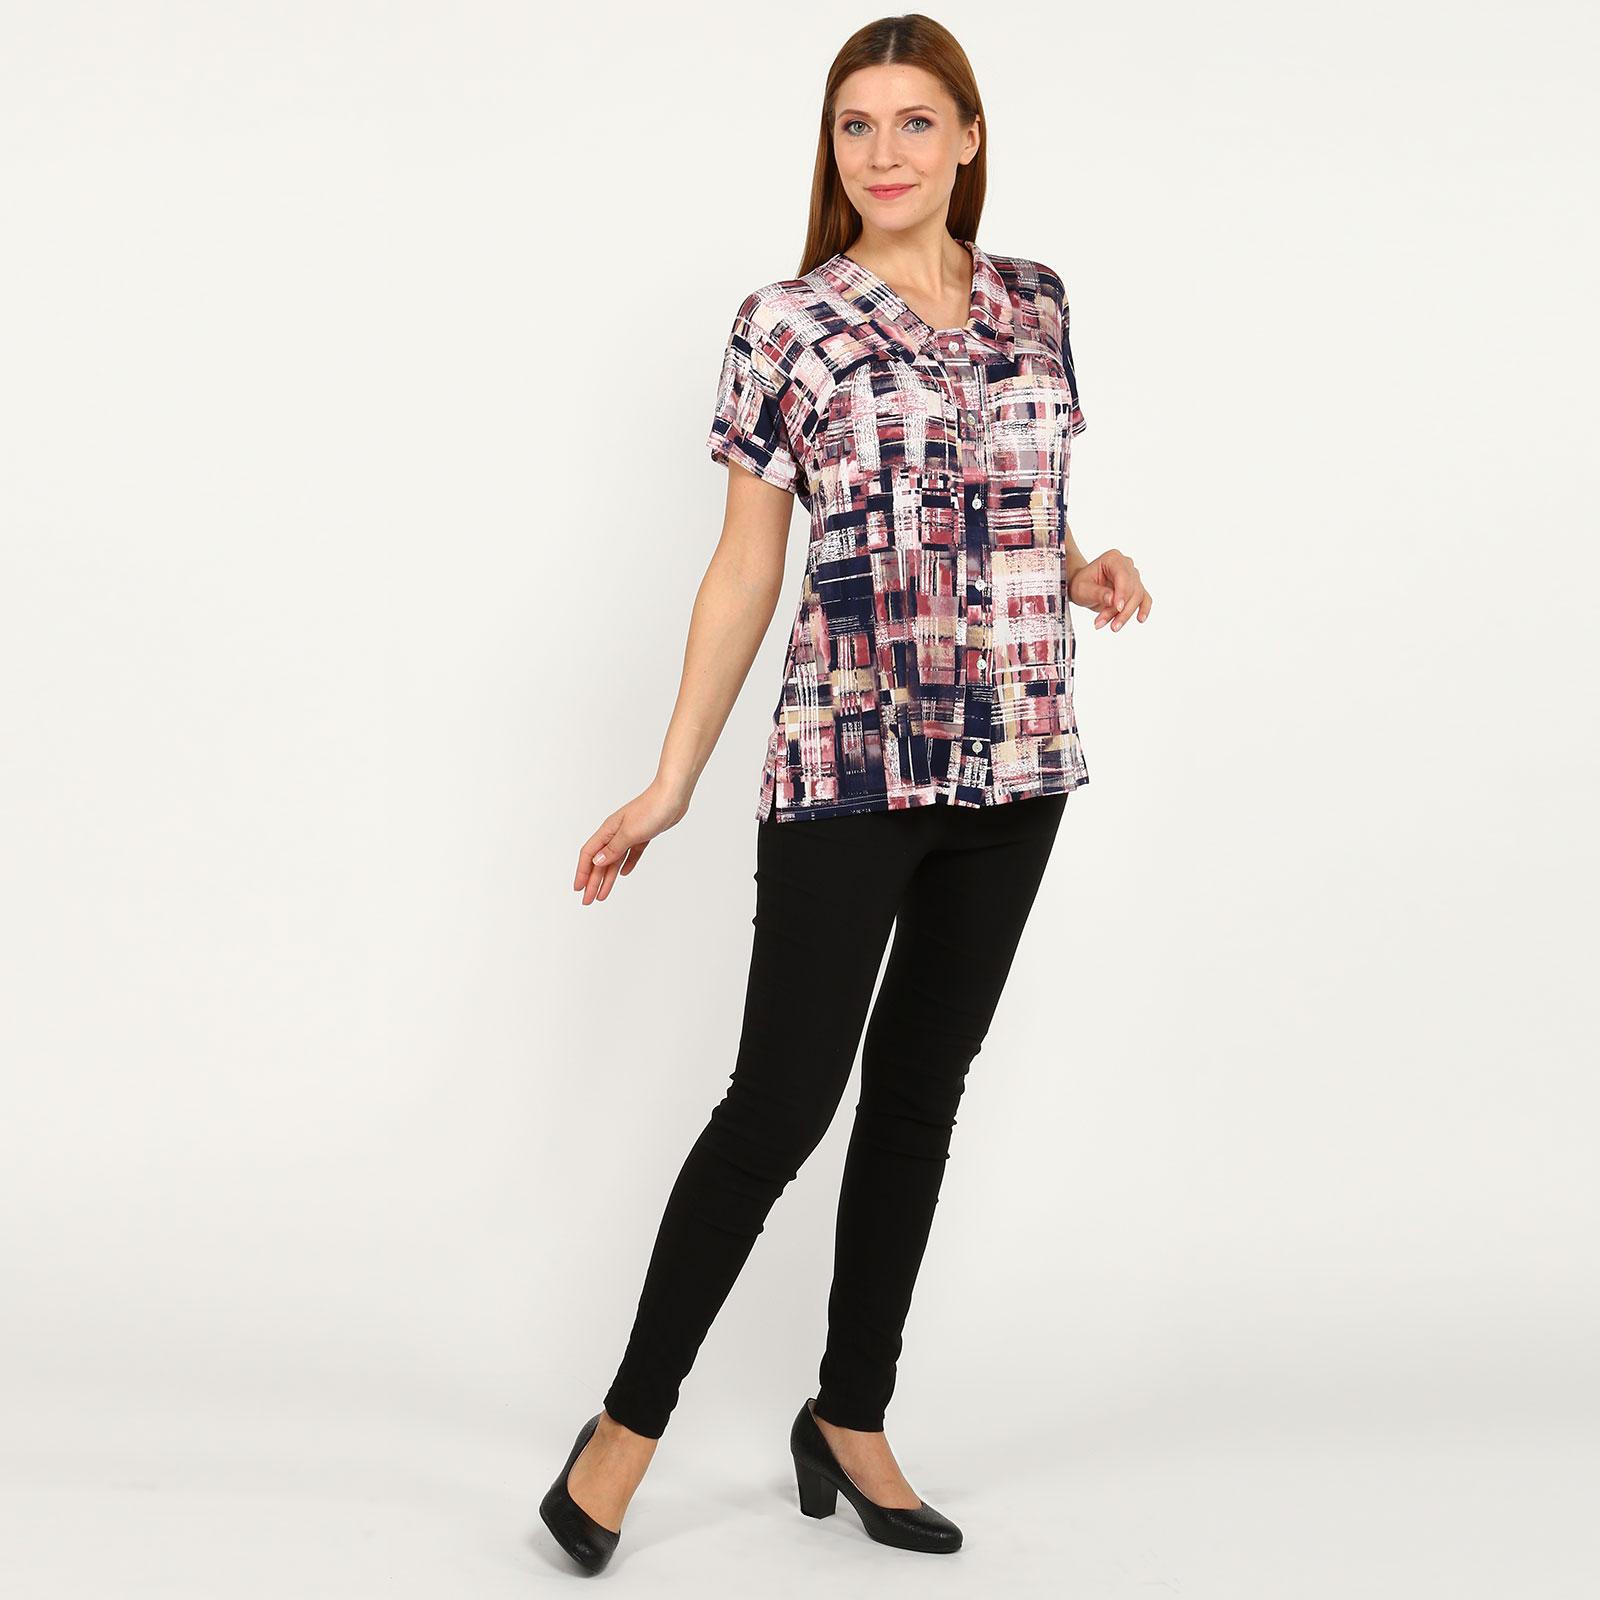 Женские блузки от производителя в нижнем новгороде